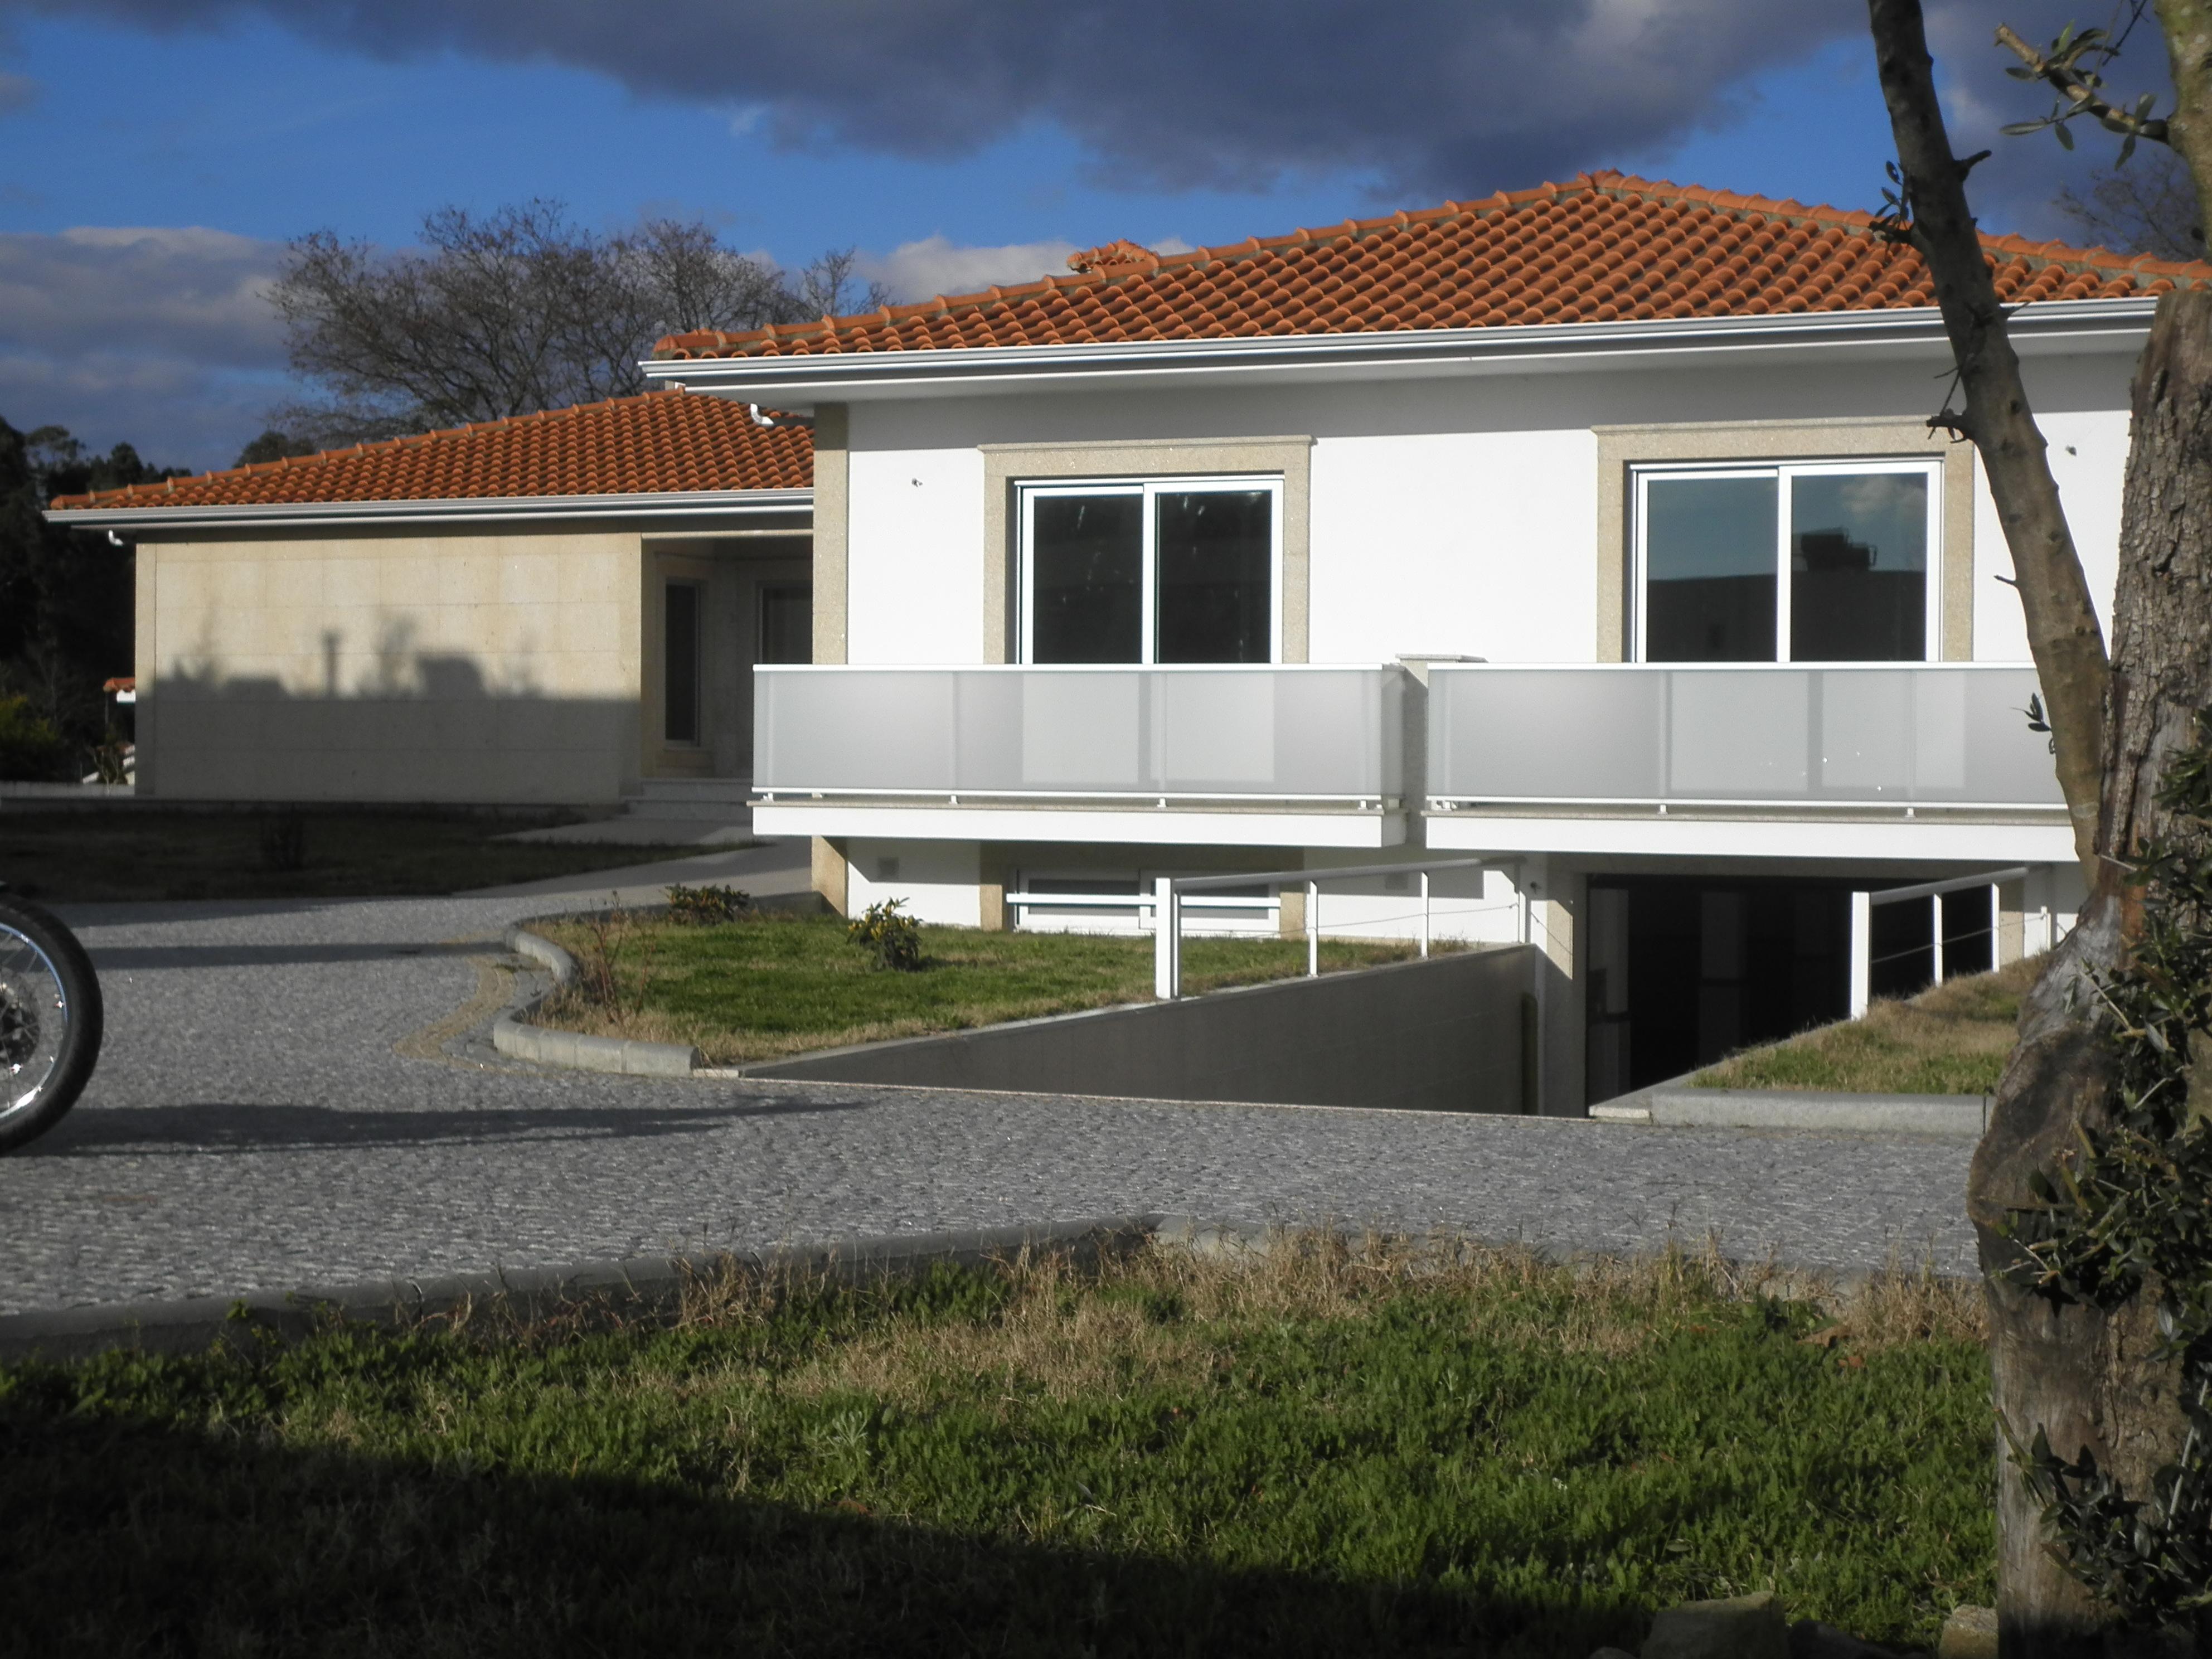 vente maison ind pendante vila verde braga portugal lage. Black Bedroom Furniture Sets. Home Design Ideas